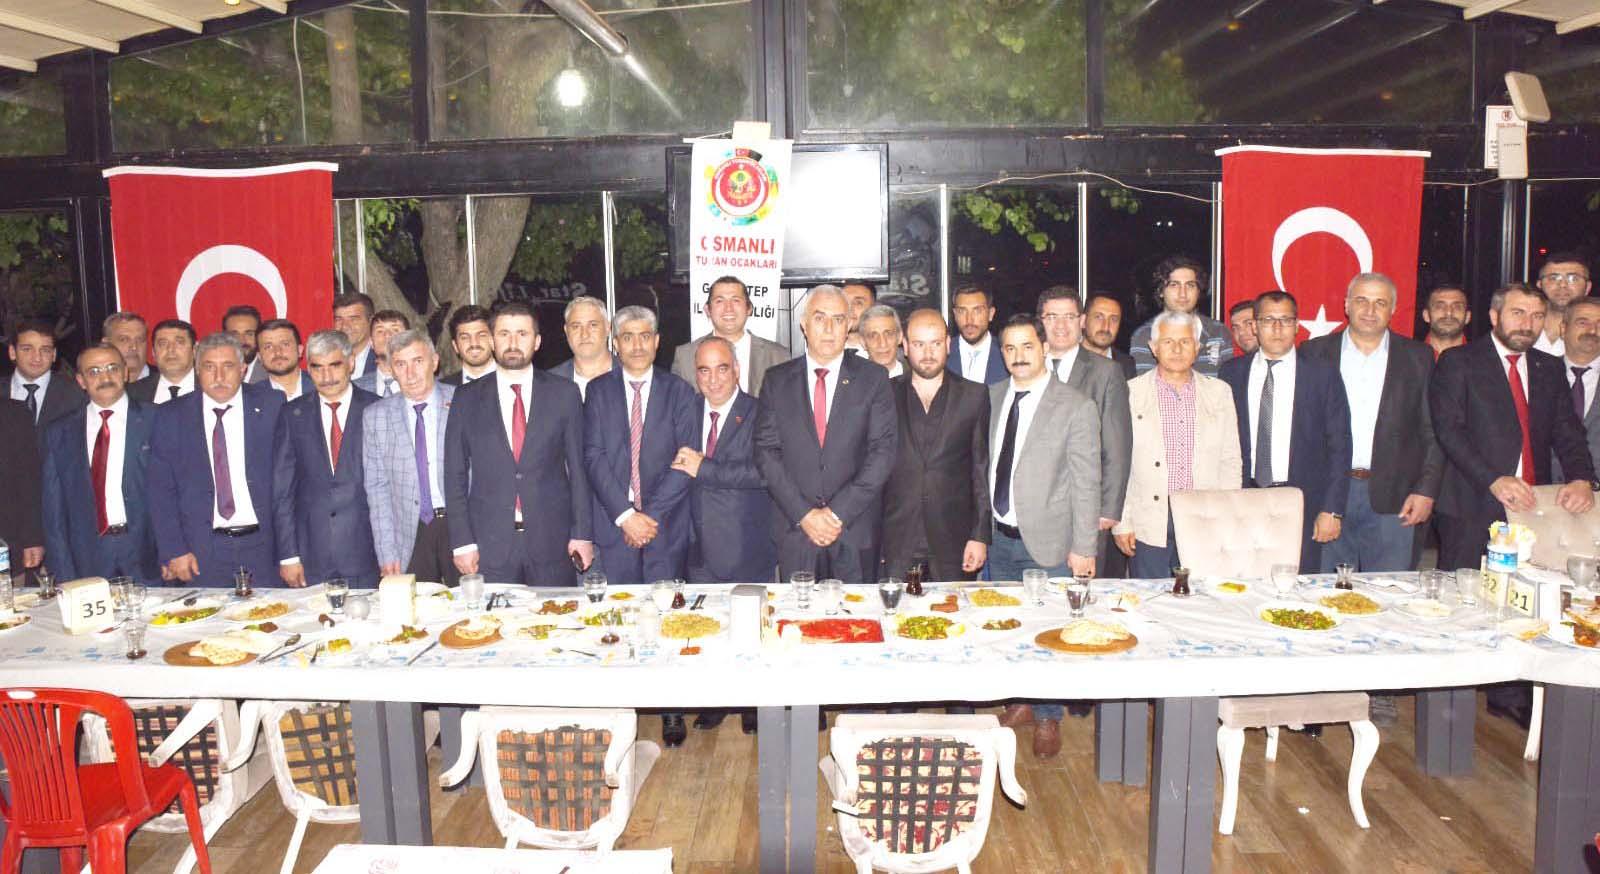 Gaziantep Osmanlı Turan Ocakları kardeşlik yemeğine yoğun ilgi